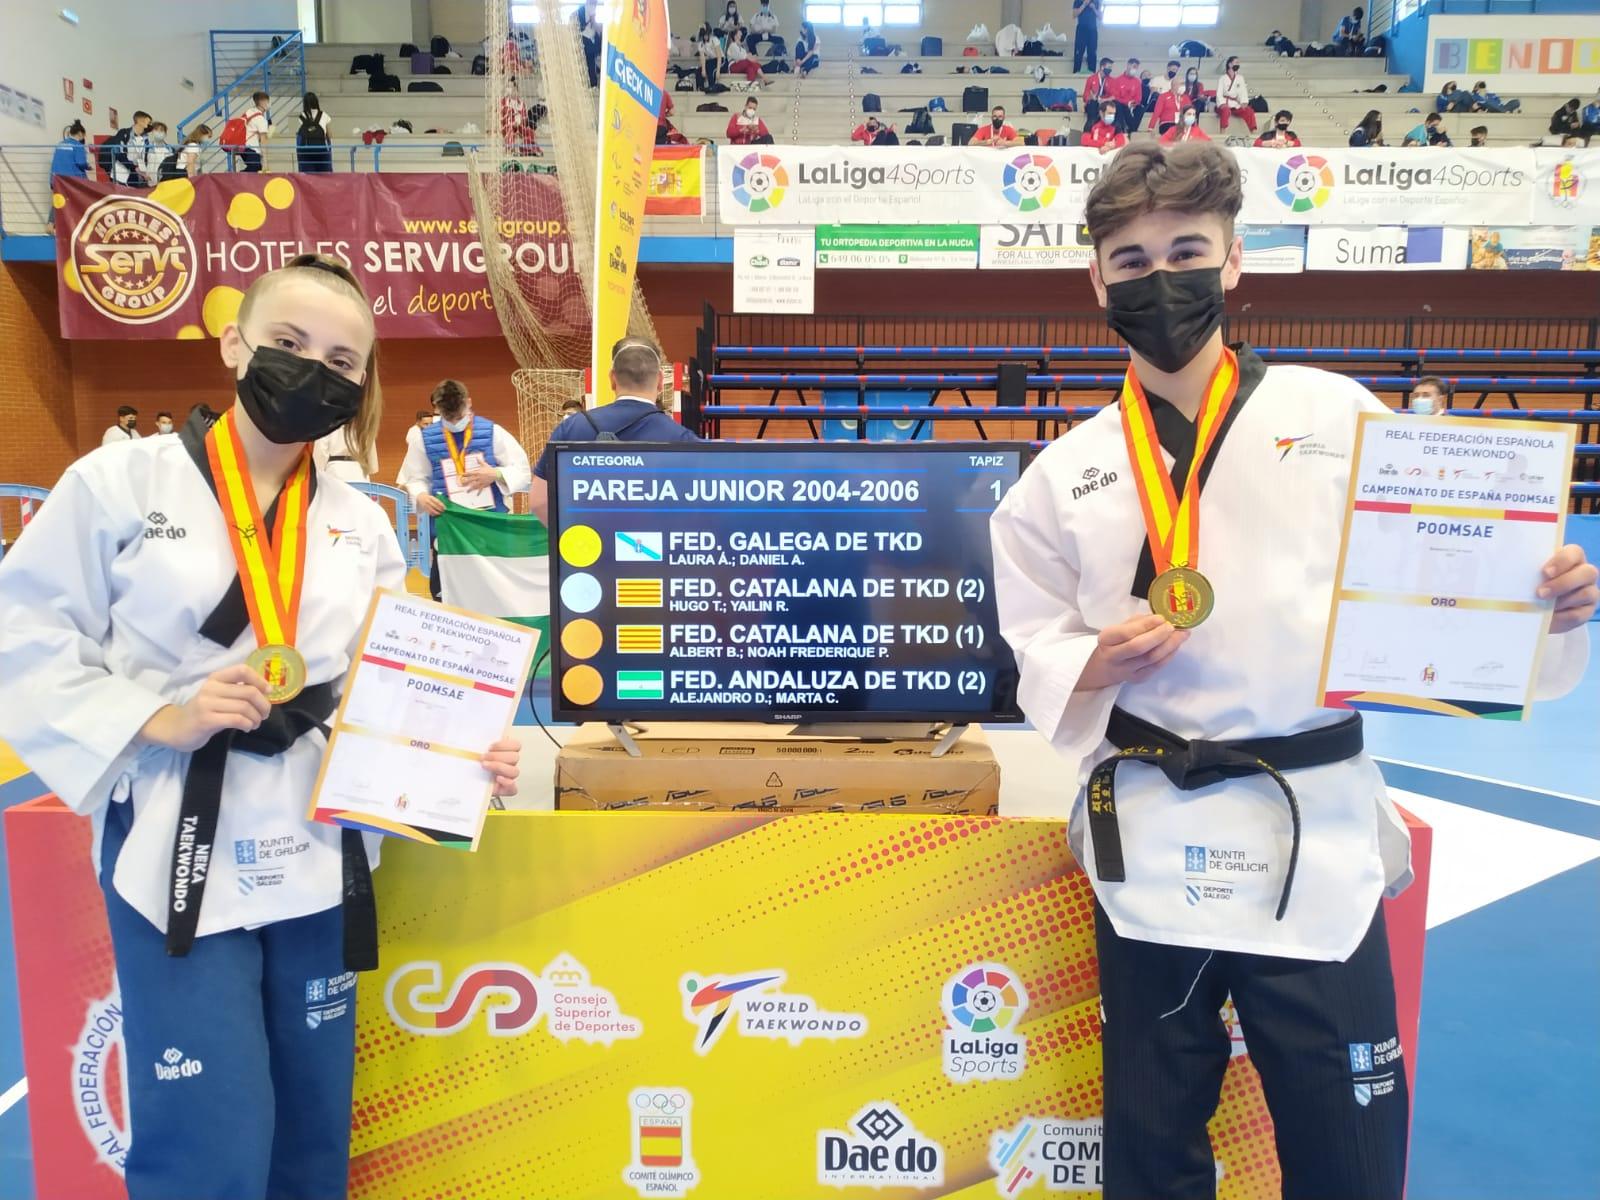 Parella júnior da Selección Galega de Taekwondo no Campionato de España / FG TAEKWONDO